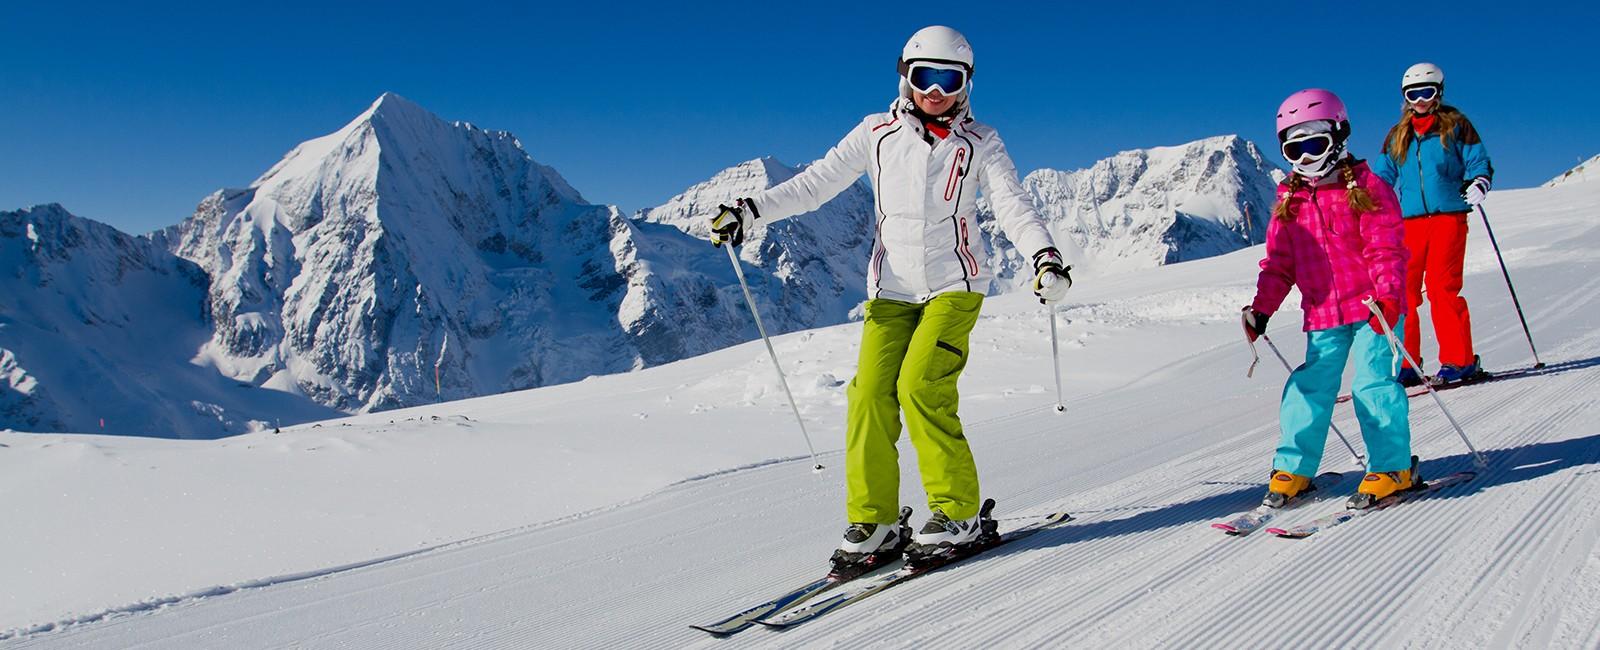 ski holidays - ski breaks - luxury holidays - header